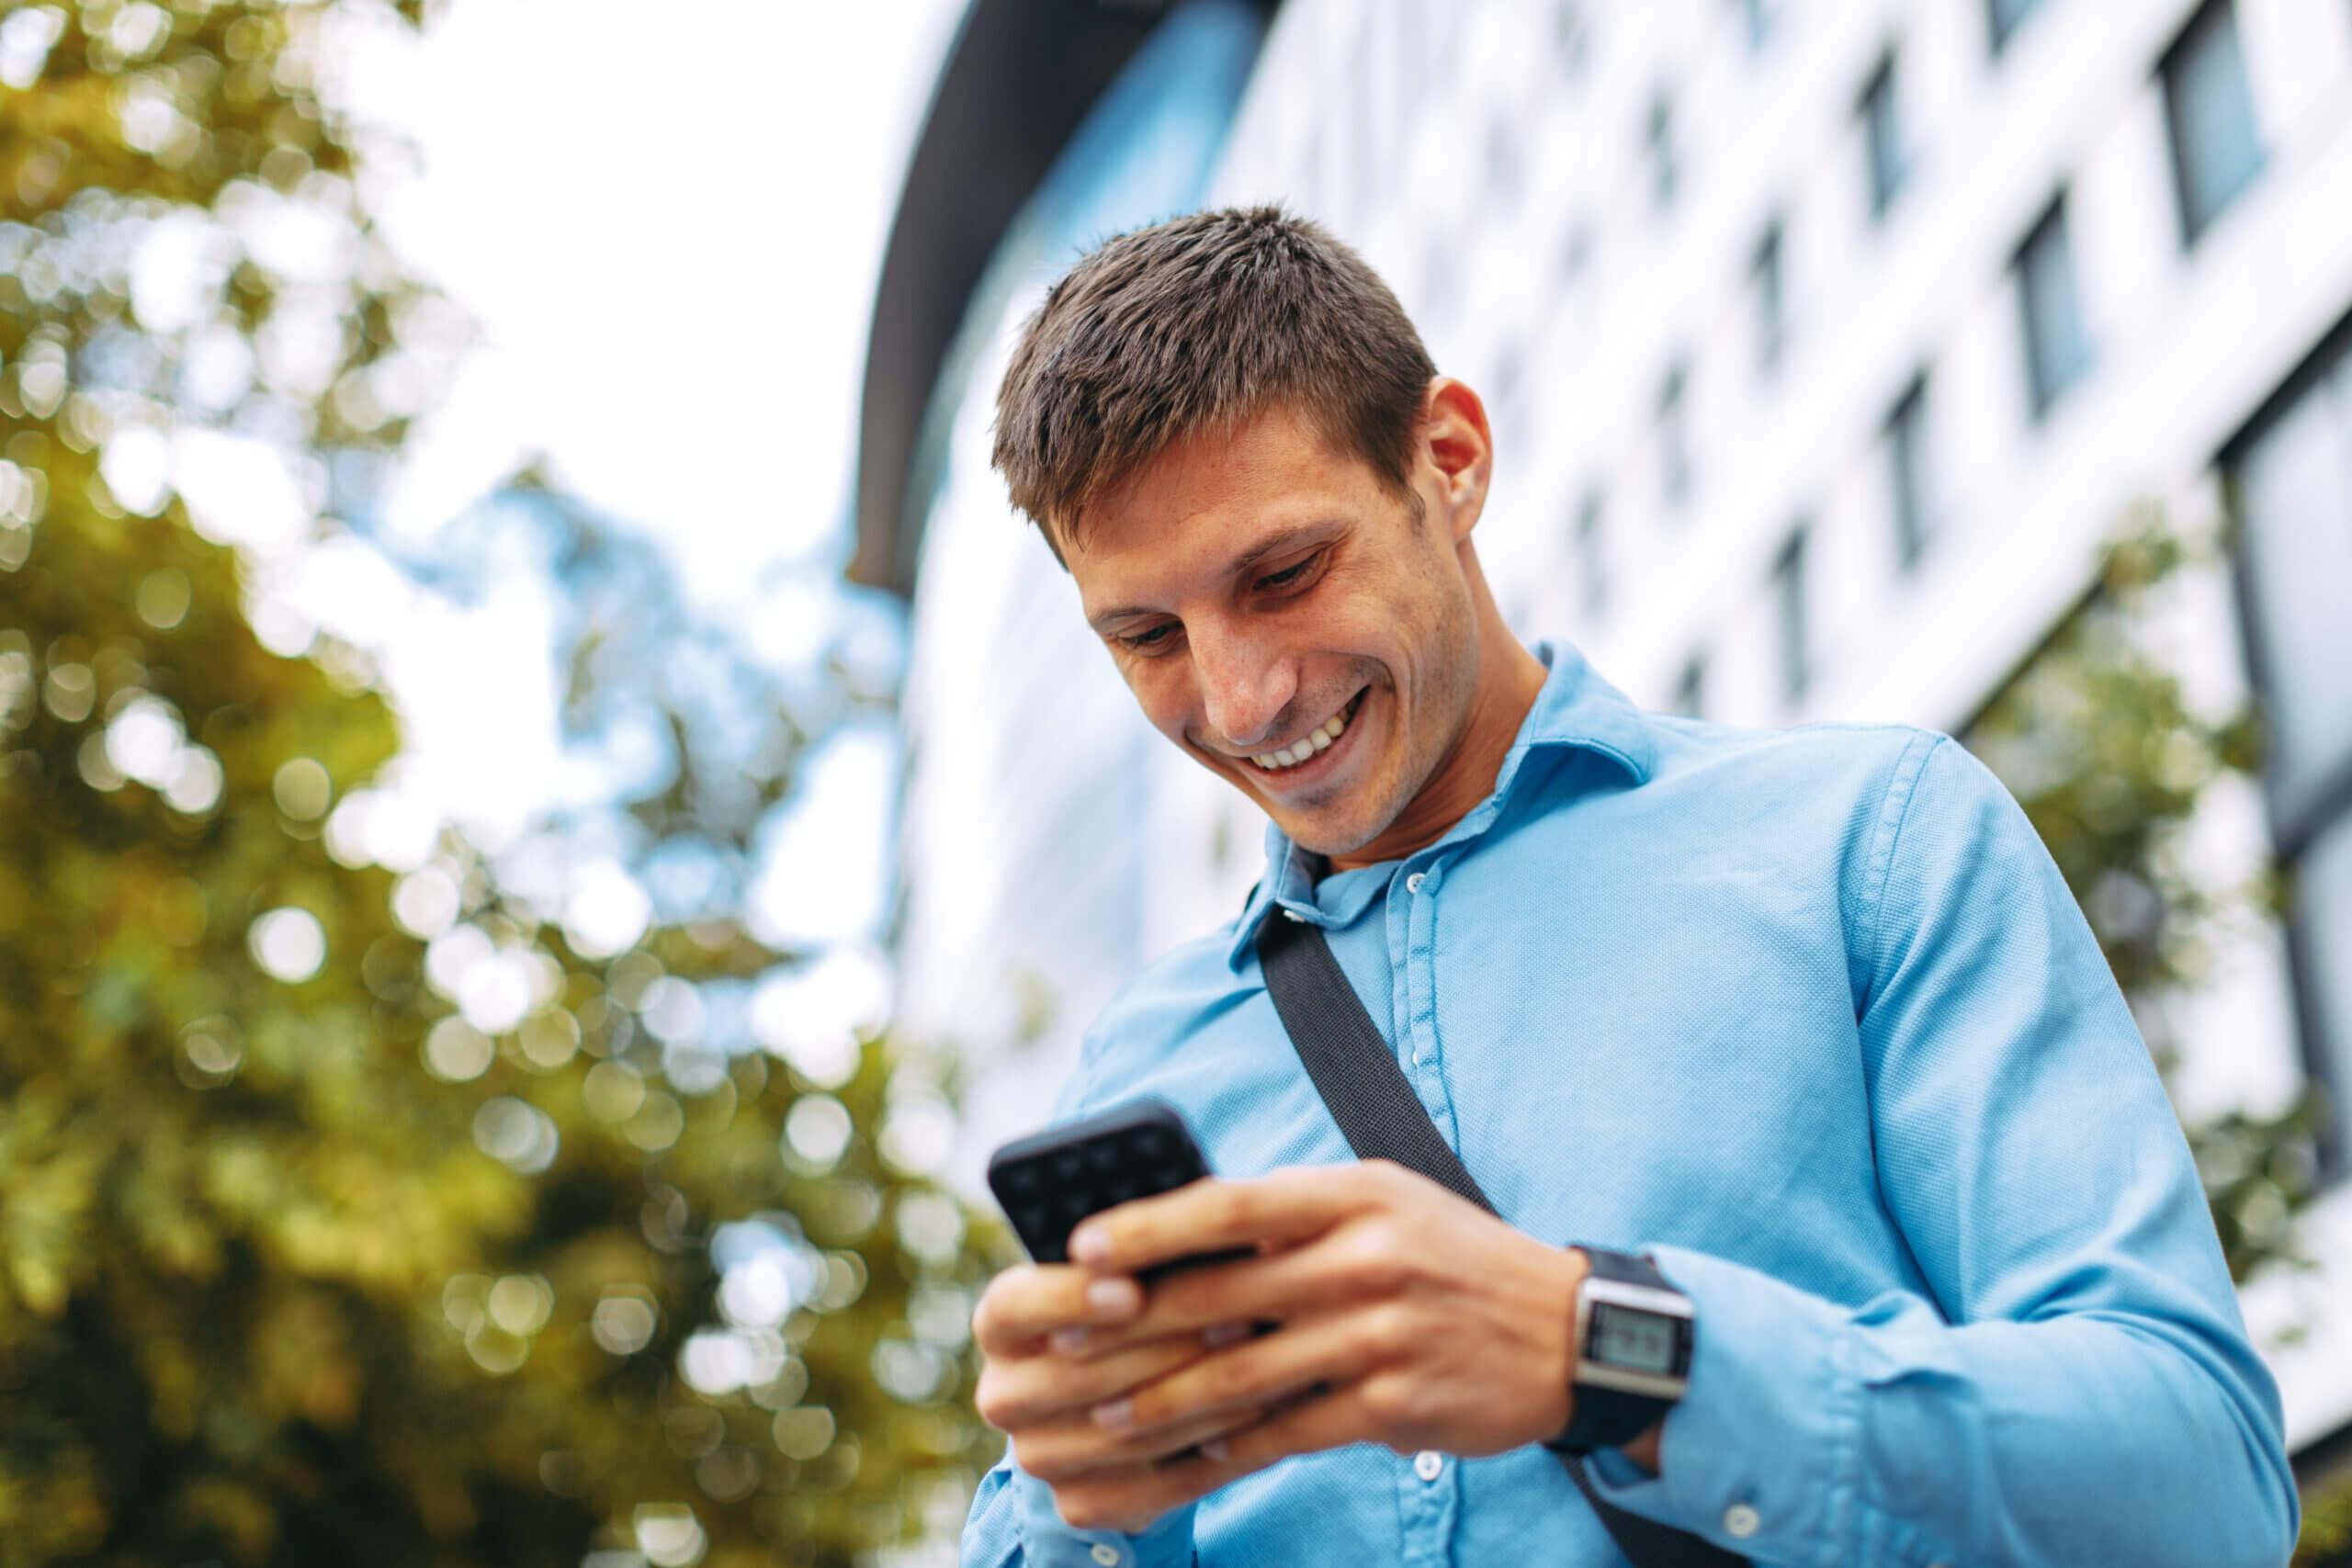 Právník s advokátním softwarem Evolio v mobilu